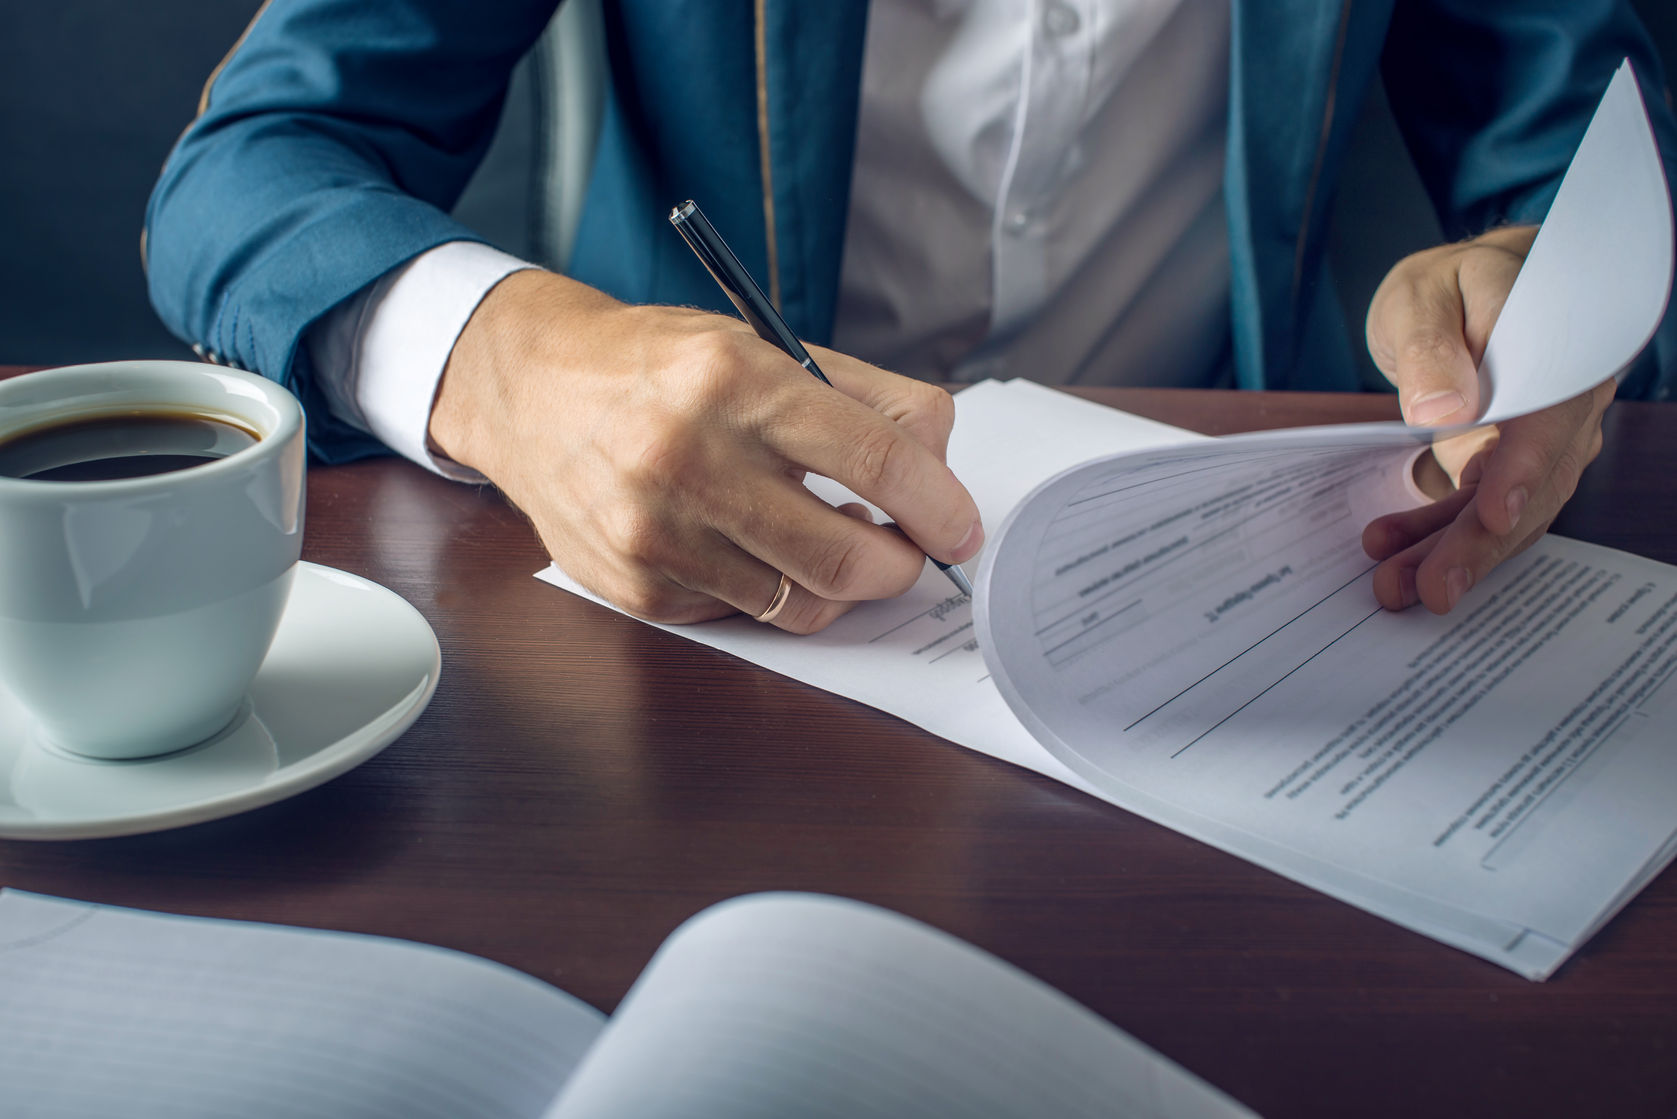 Előfizetői szerződés, vállalati telekommunikáció